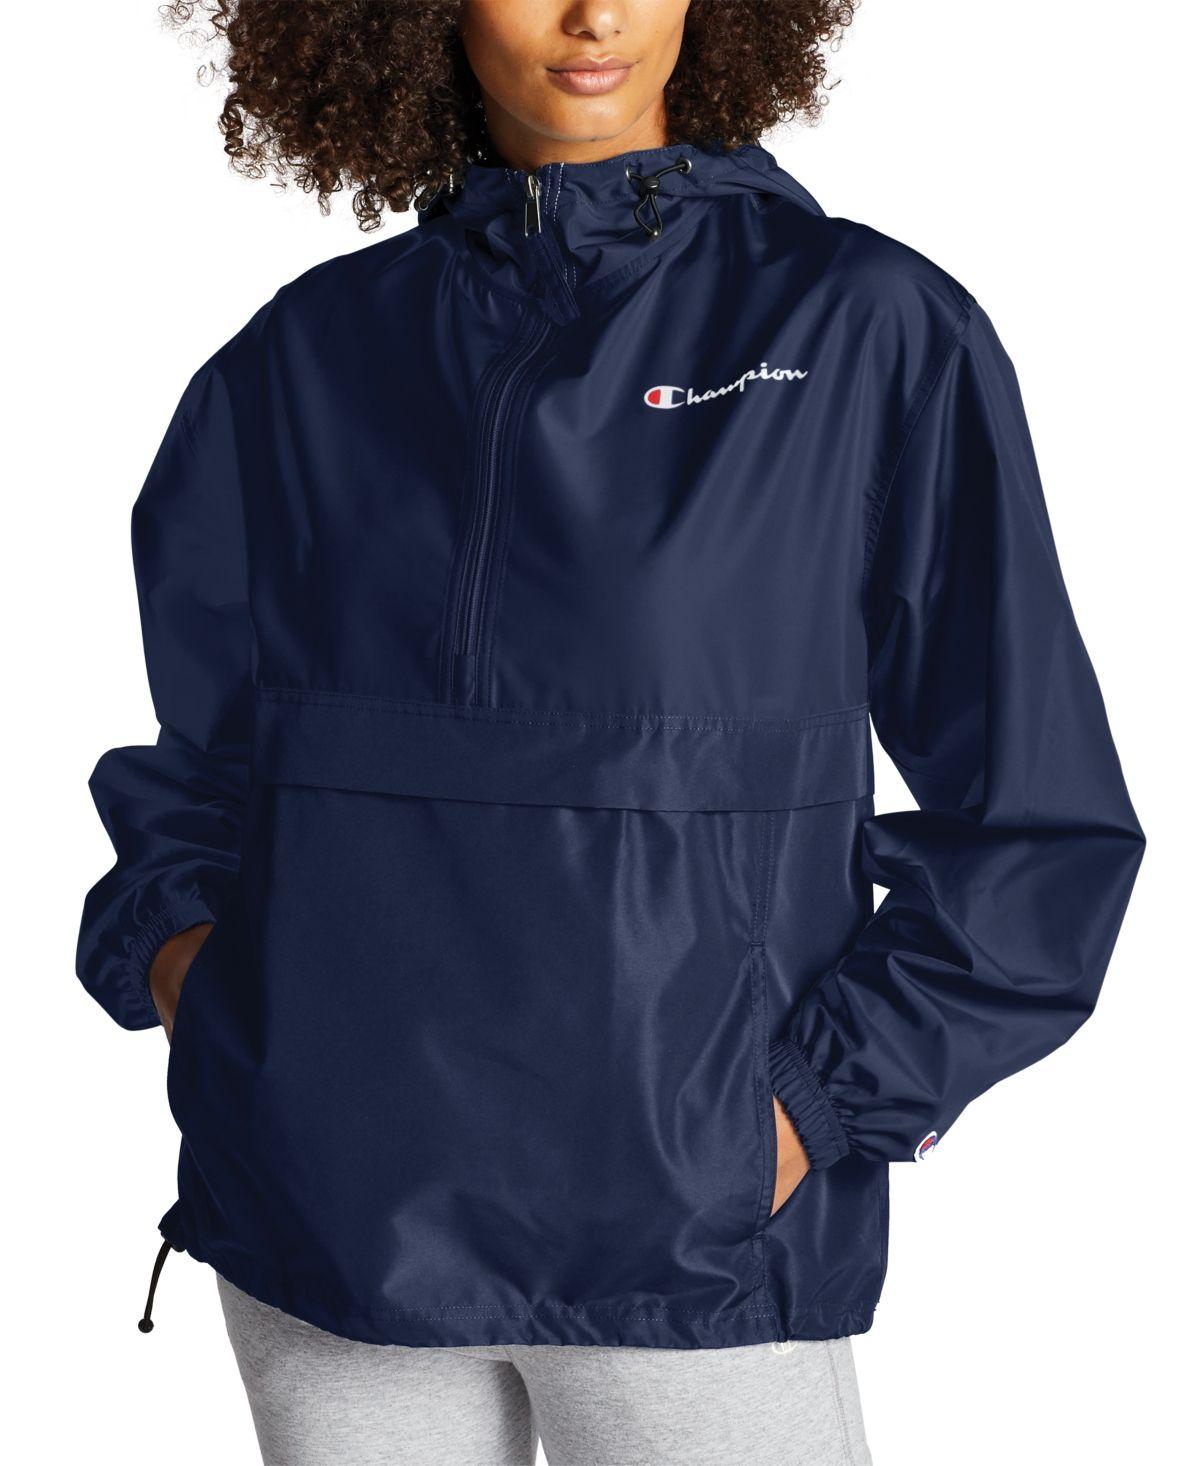 Champion Women S Packable Hooded Jacket Reviews Jackets Blazers Women Macy S Windbreaker Jacket Women Blazer Jackets For Women Packable Jacket [ 1466 x 1200 Pixel ]